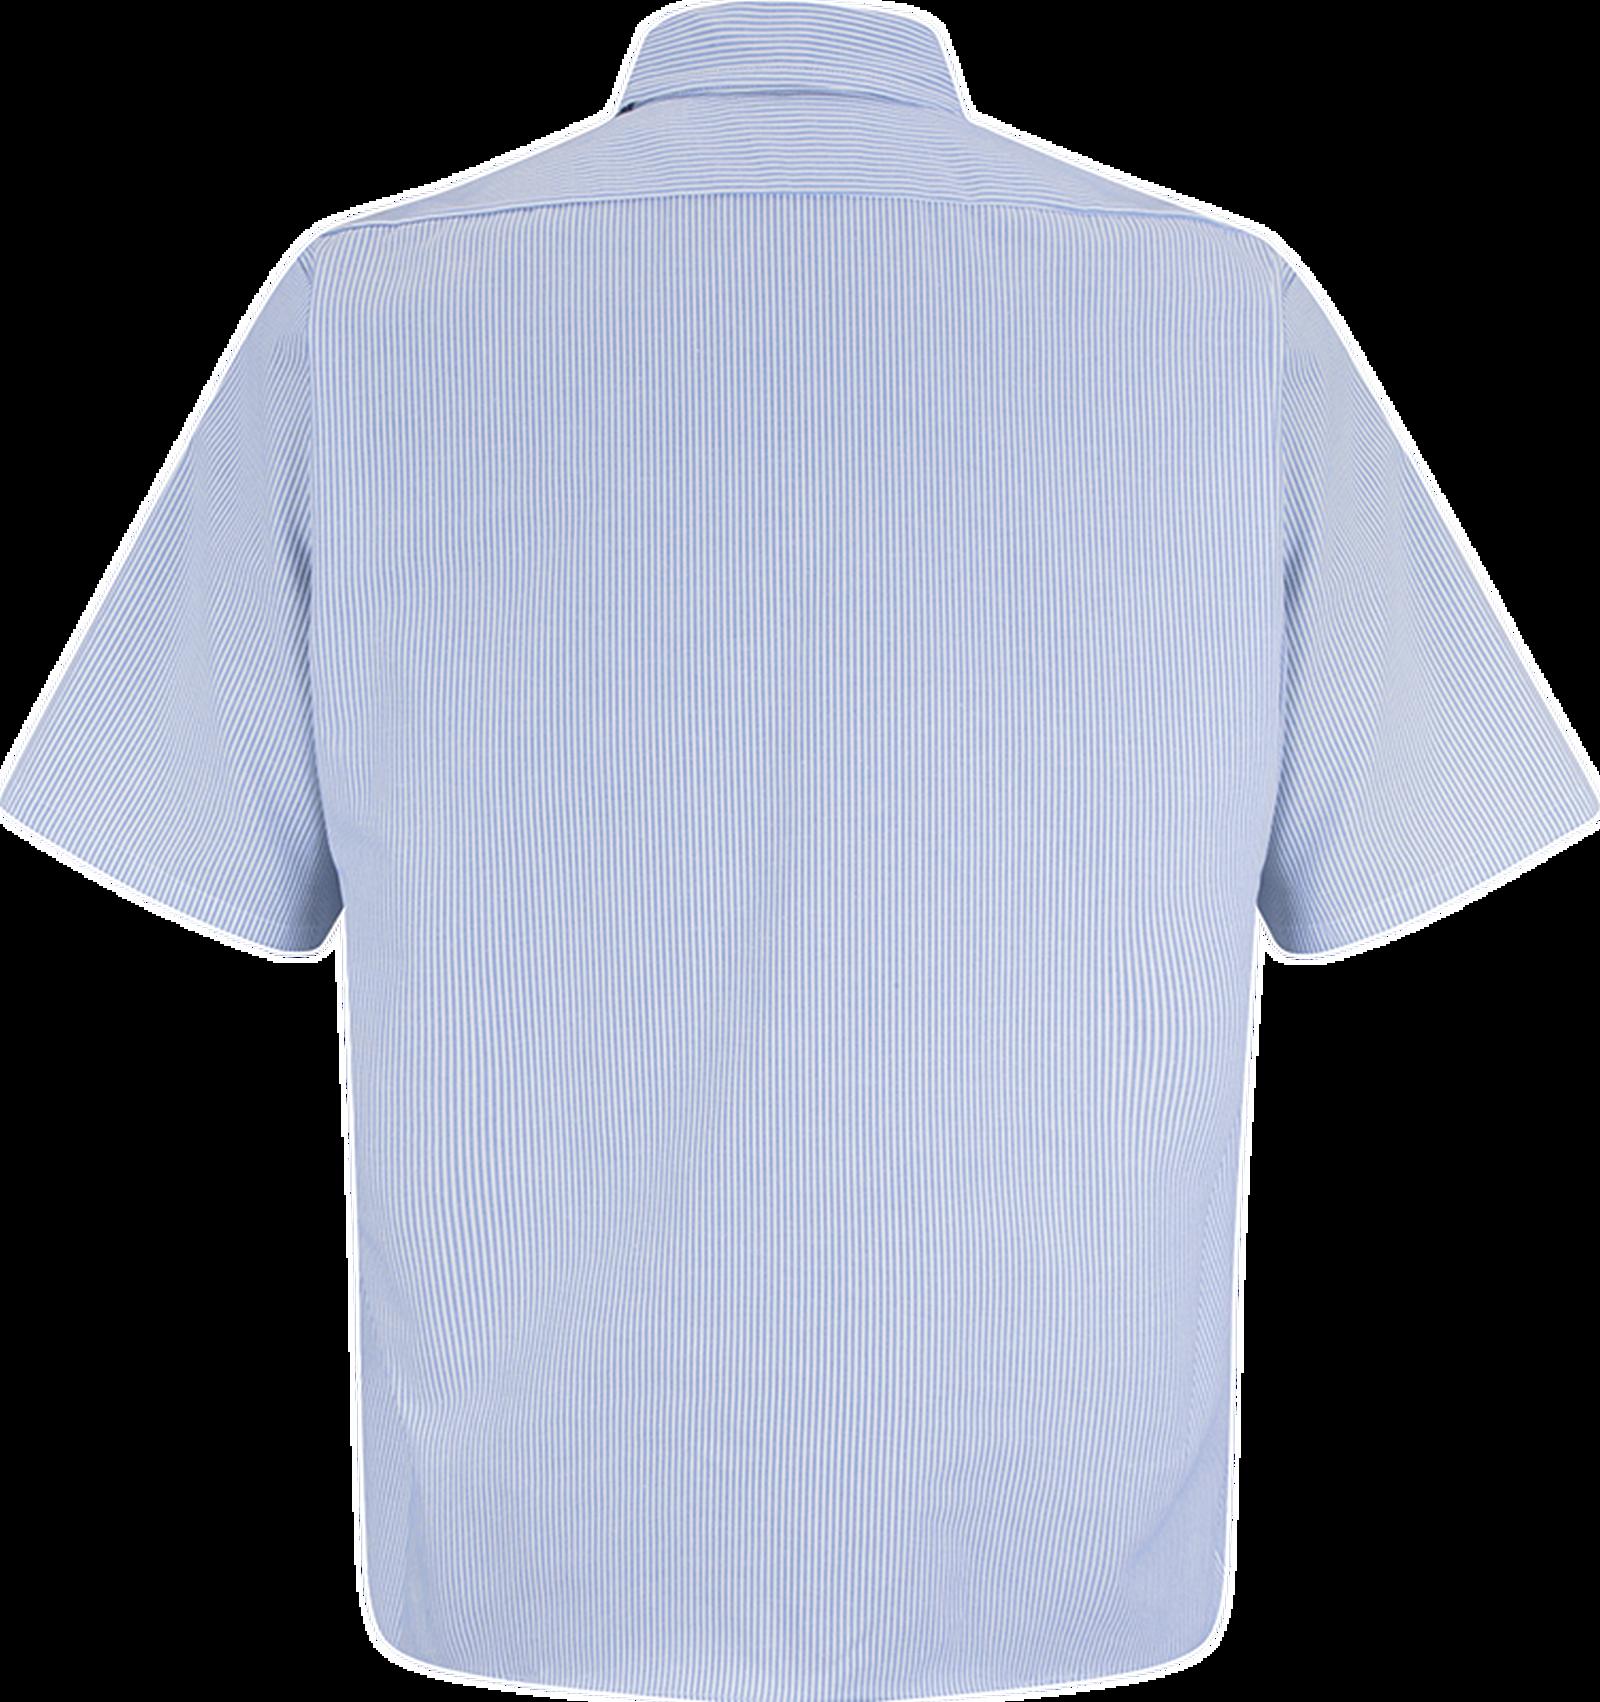 Men's Short Sleeve Deluxe Uniform Shirt